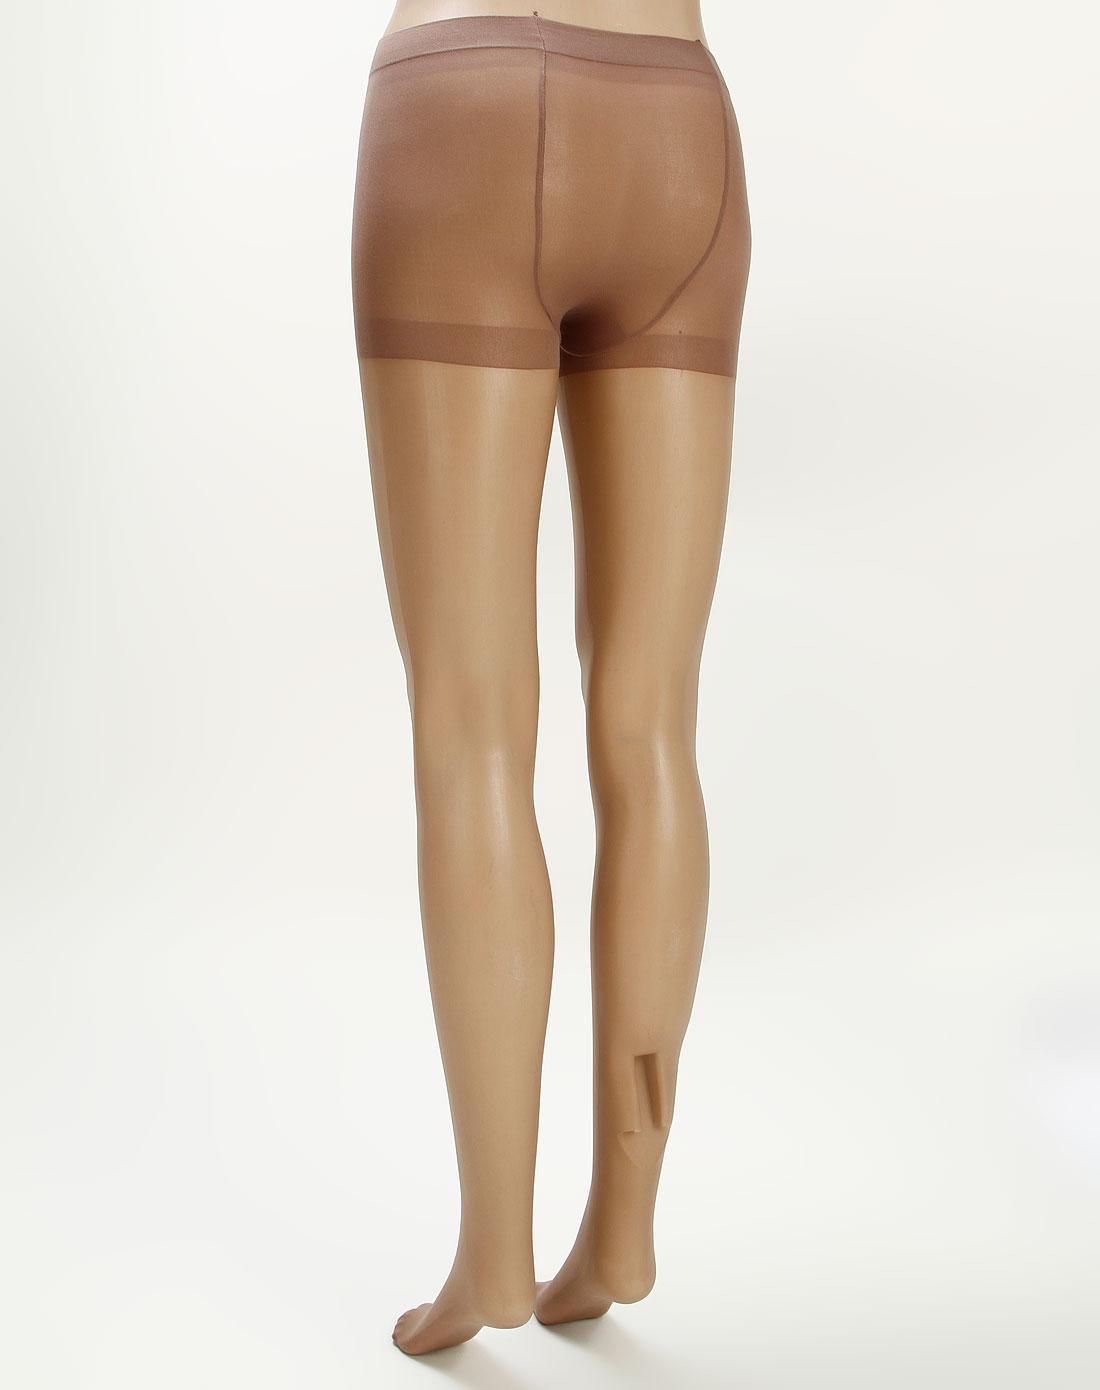 寓美女款肤/咖啡两色超爽天鹅绒单加裆丝袜2双装